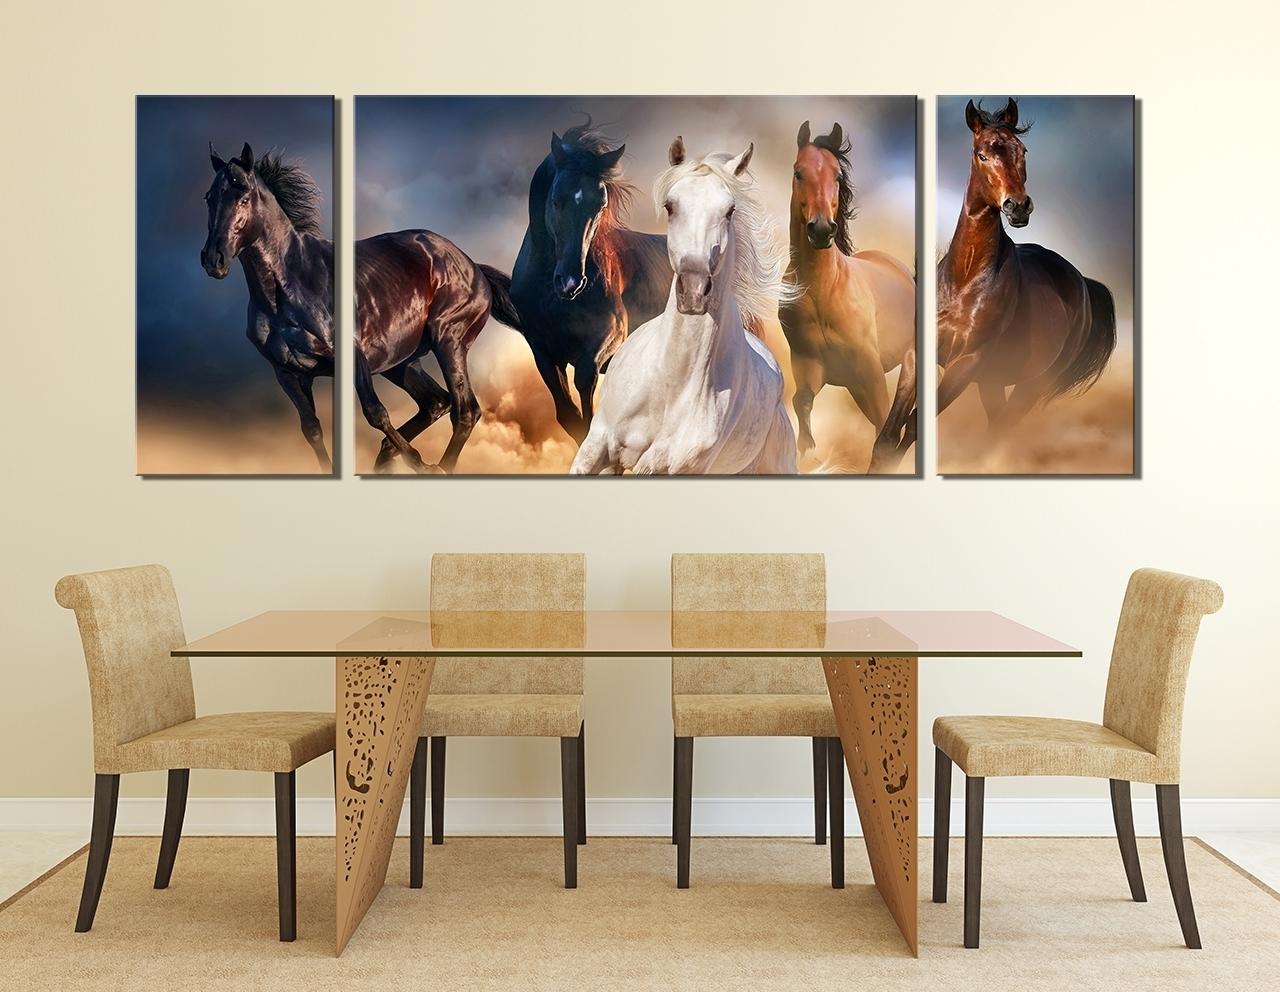 2018 Unique Canvas Wall Art Horses (View 5 of 15)